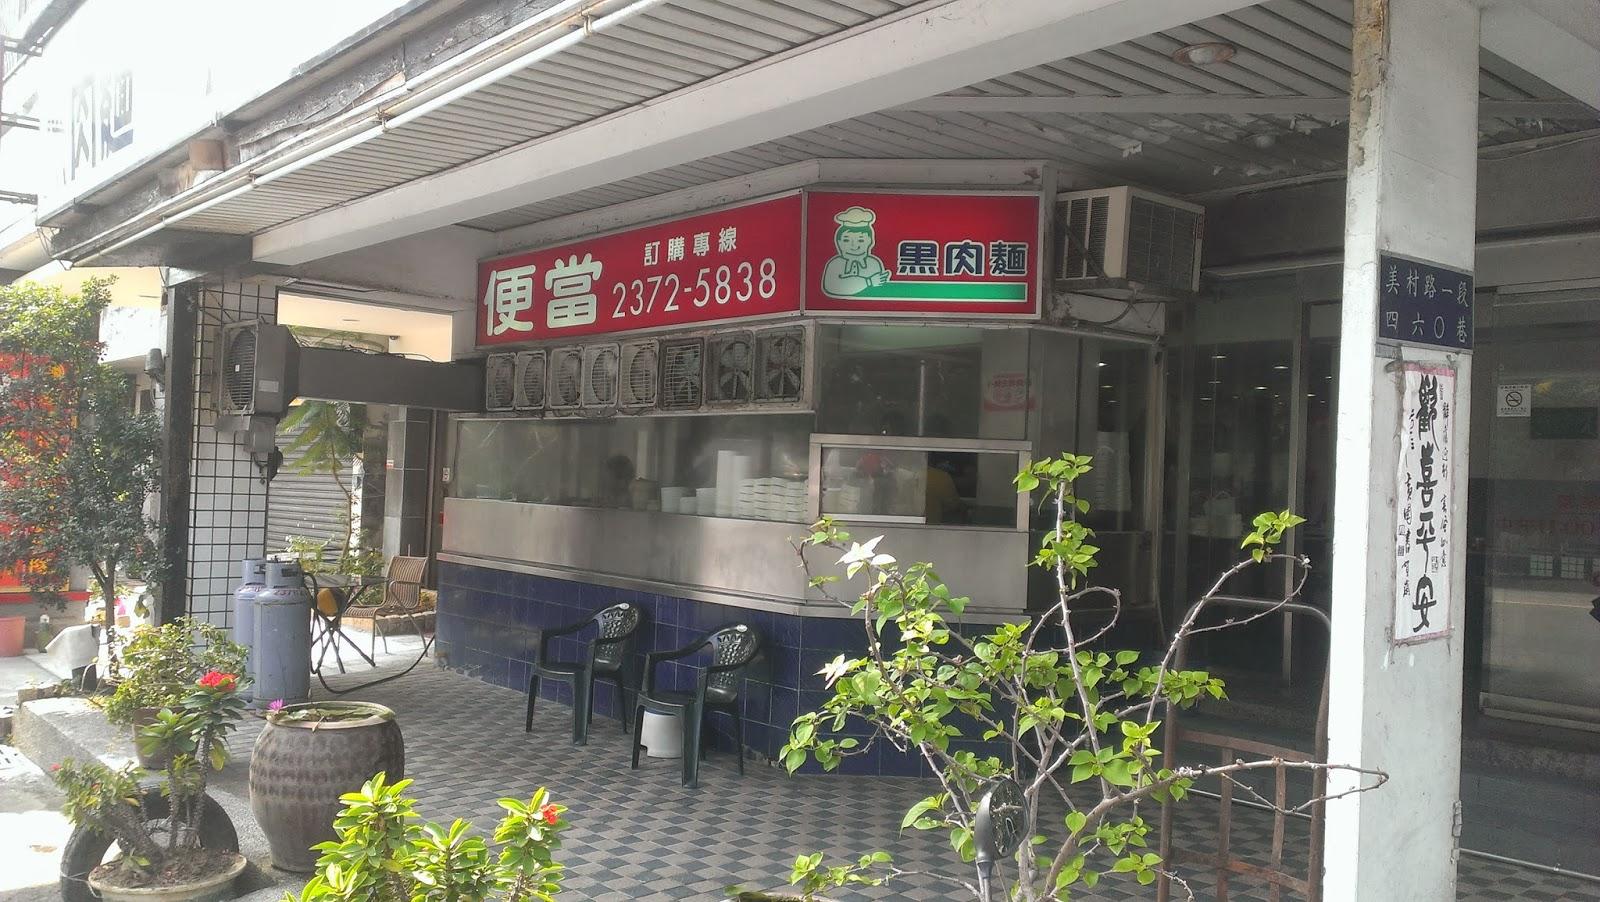 【臺中市西區】美村路好呷ㄟ便當 黑肉麵 :: 宅宅的網站